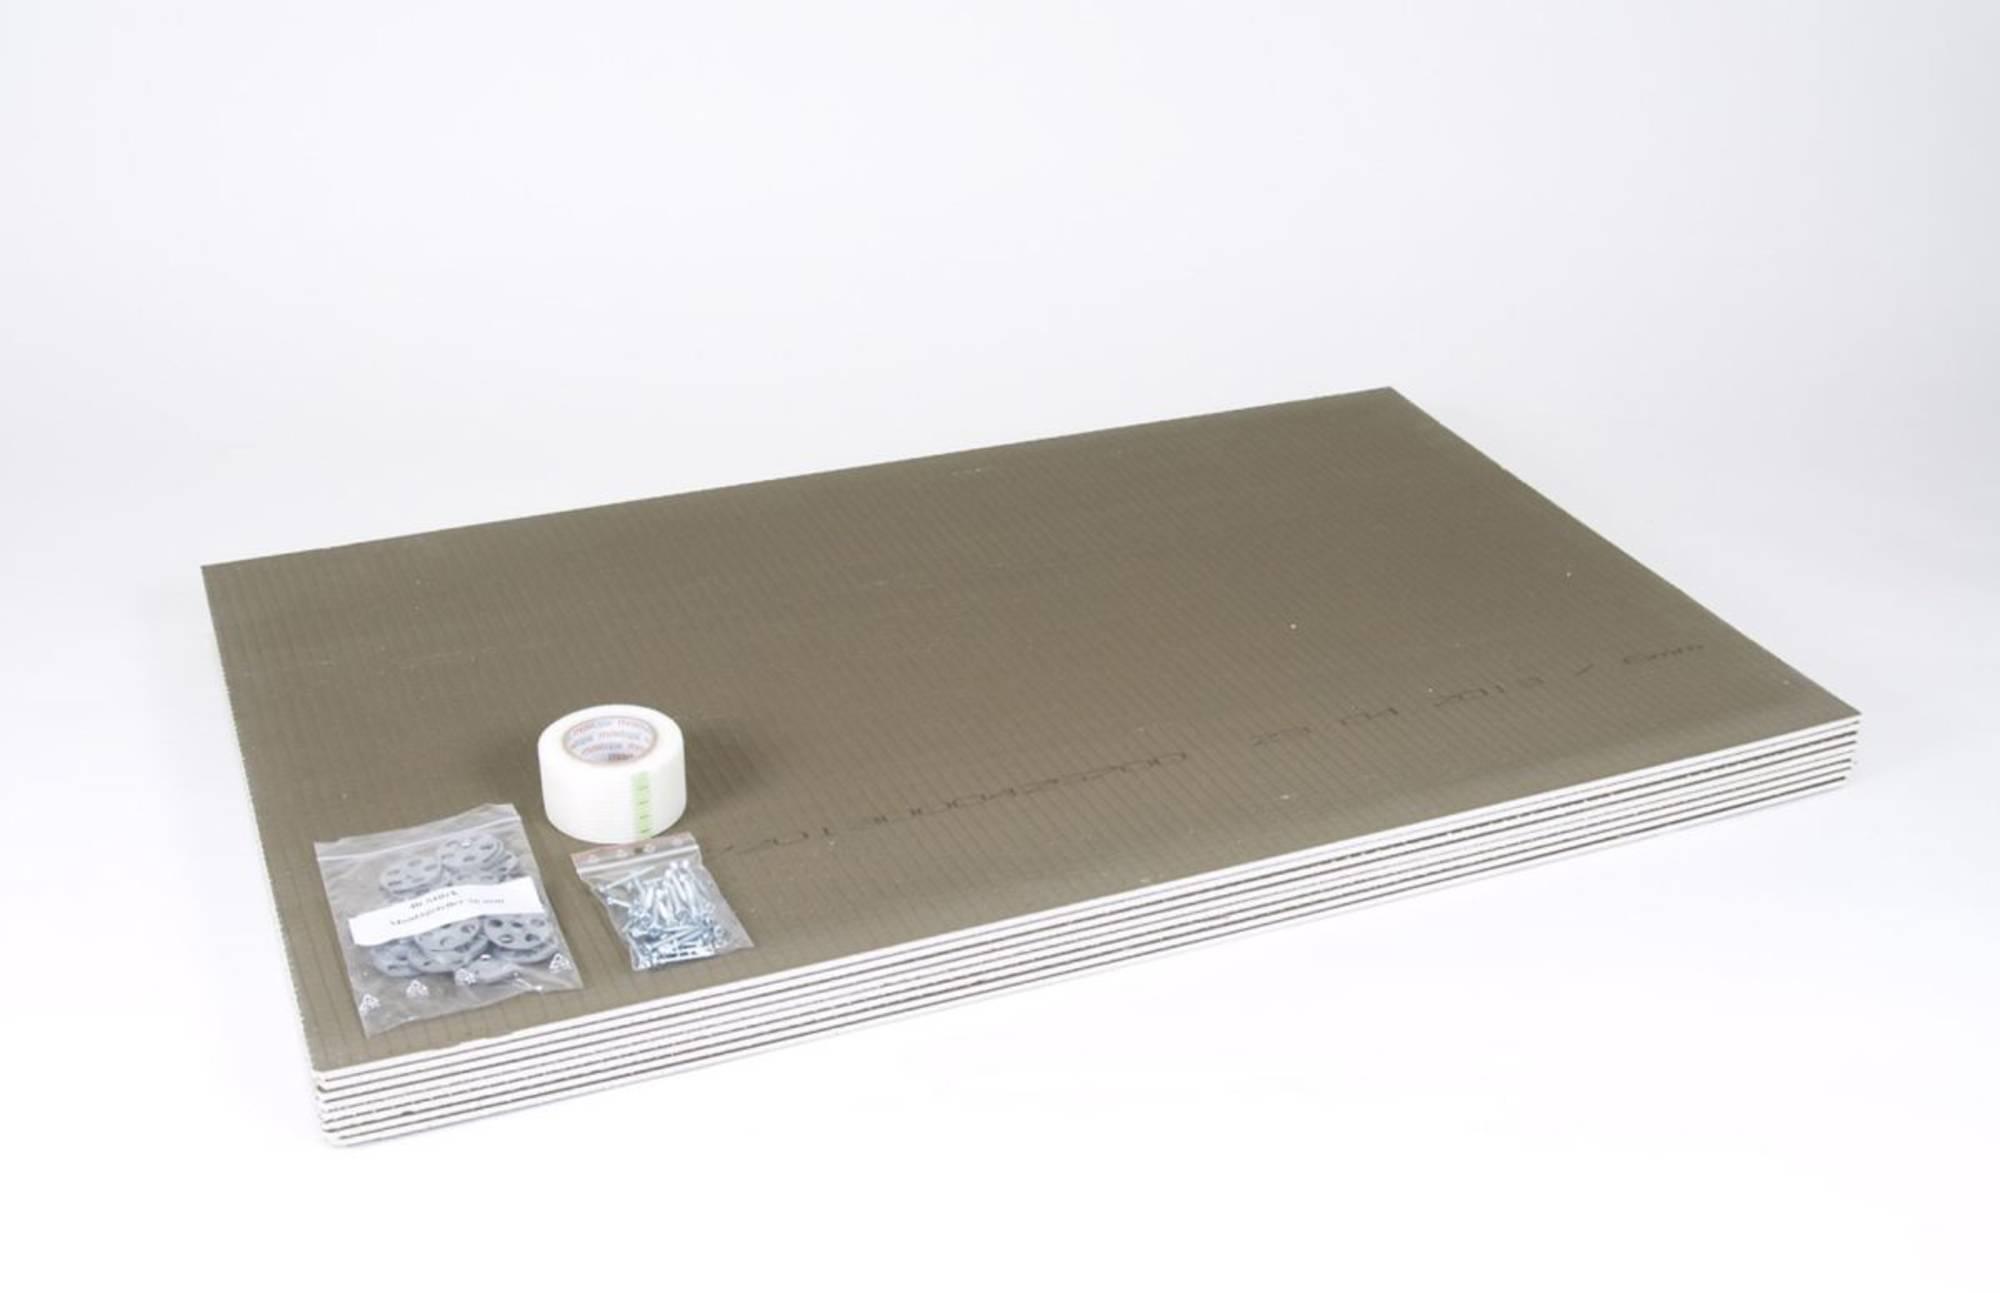 MAGNUM ISOPLATE drukvaste isolatieplaat 8x60x100-0,6 cm. 4,8m2 (630113)